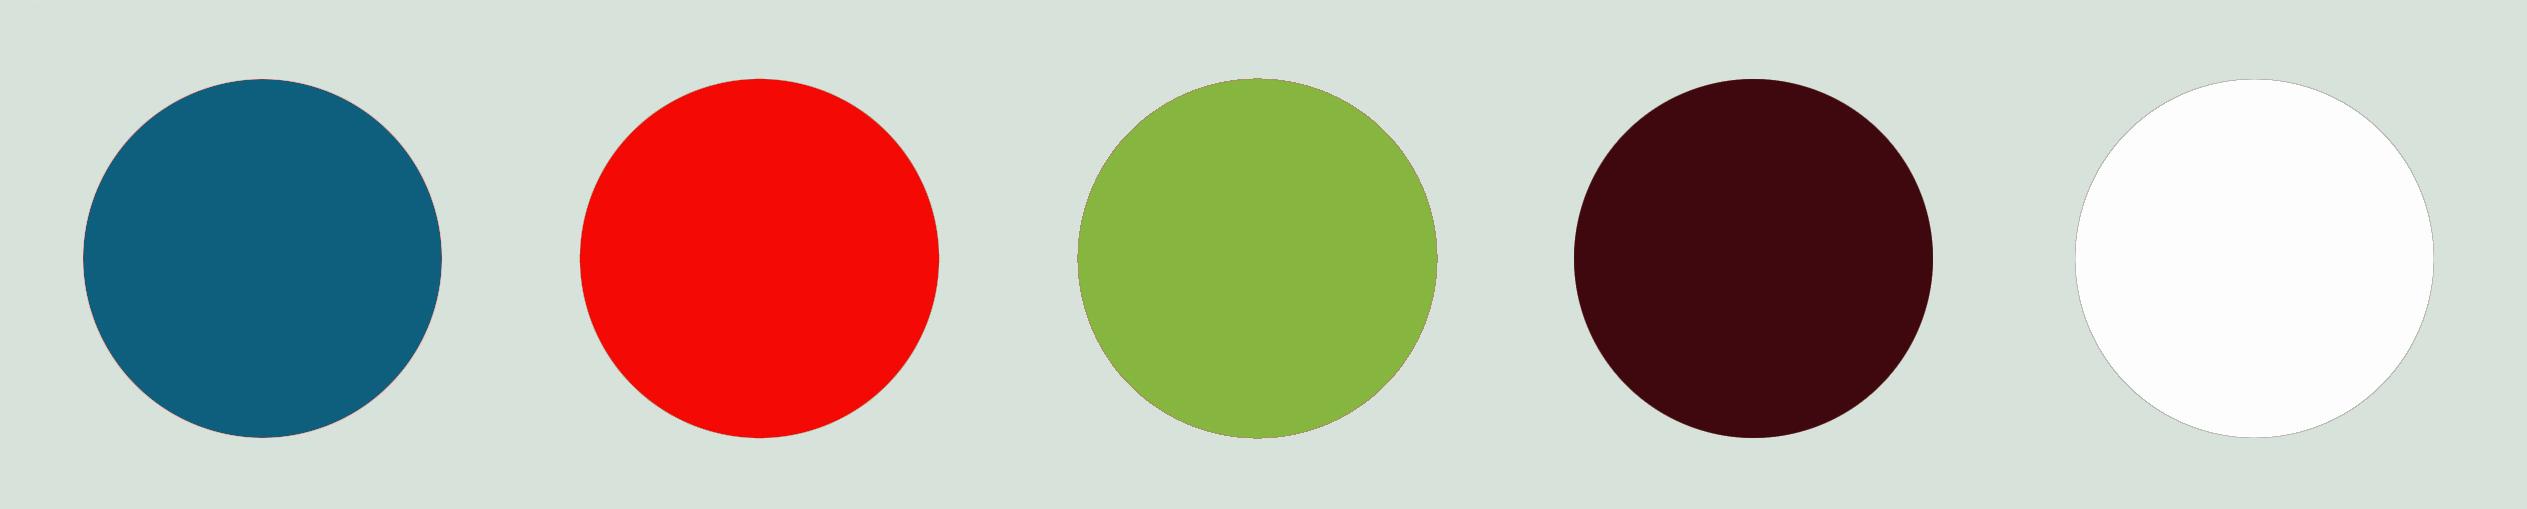 farbkonzept punkte verschiedene farben